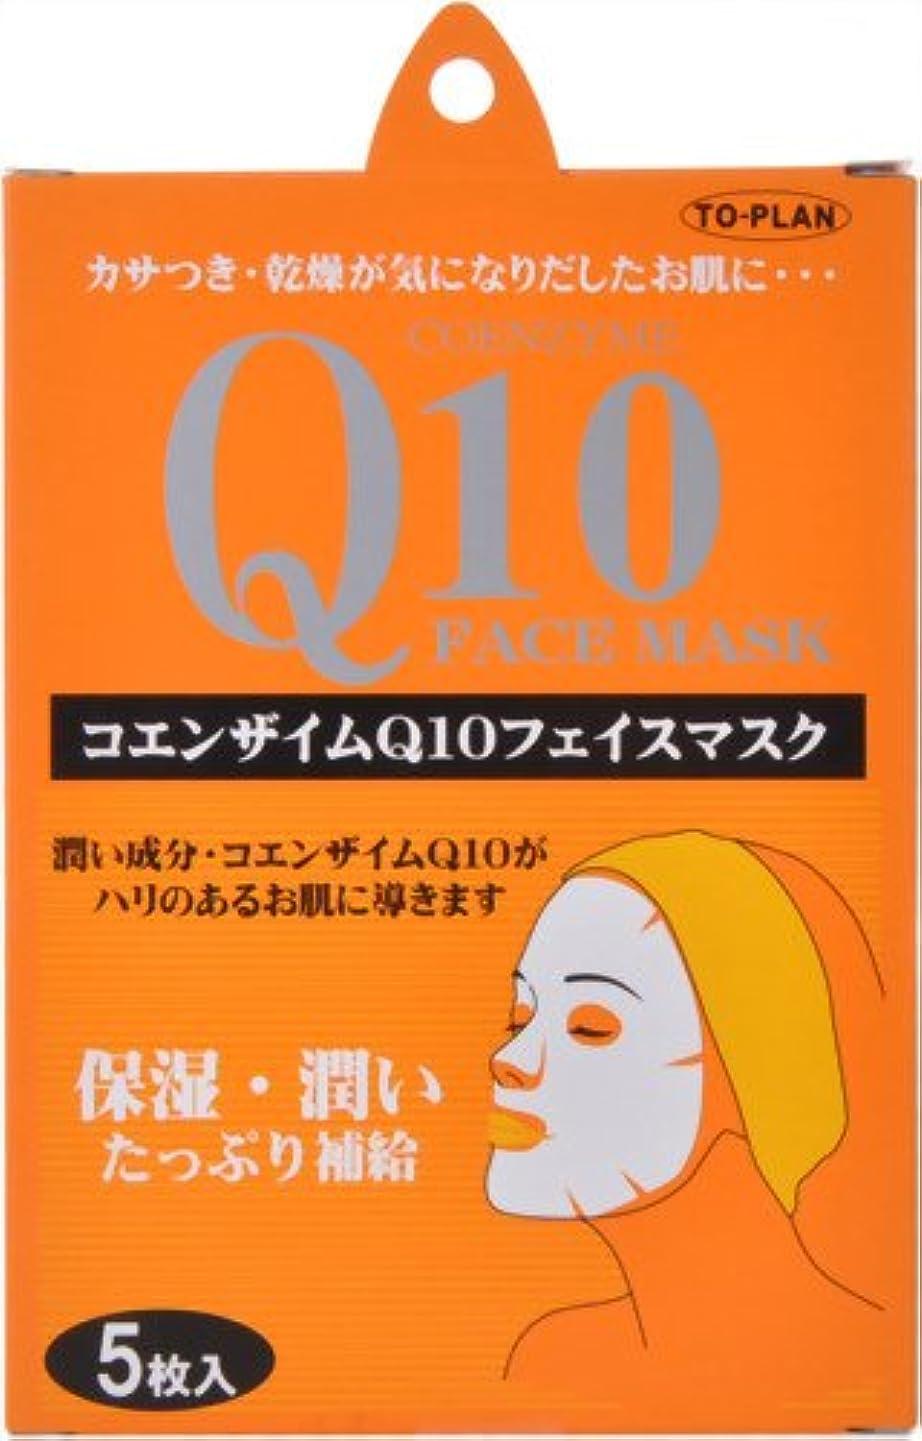 ビルマローラージャンクTO-PLAN(トプラン) Q10フェイスマスク 5枚入り